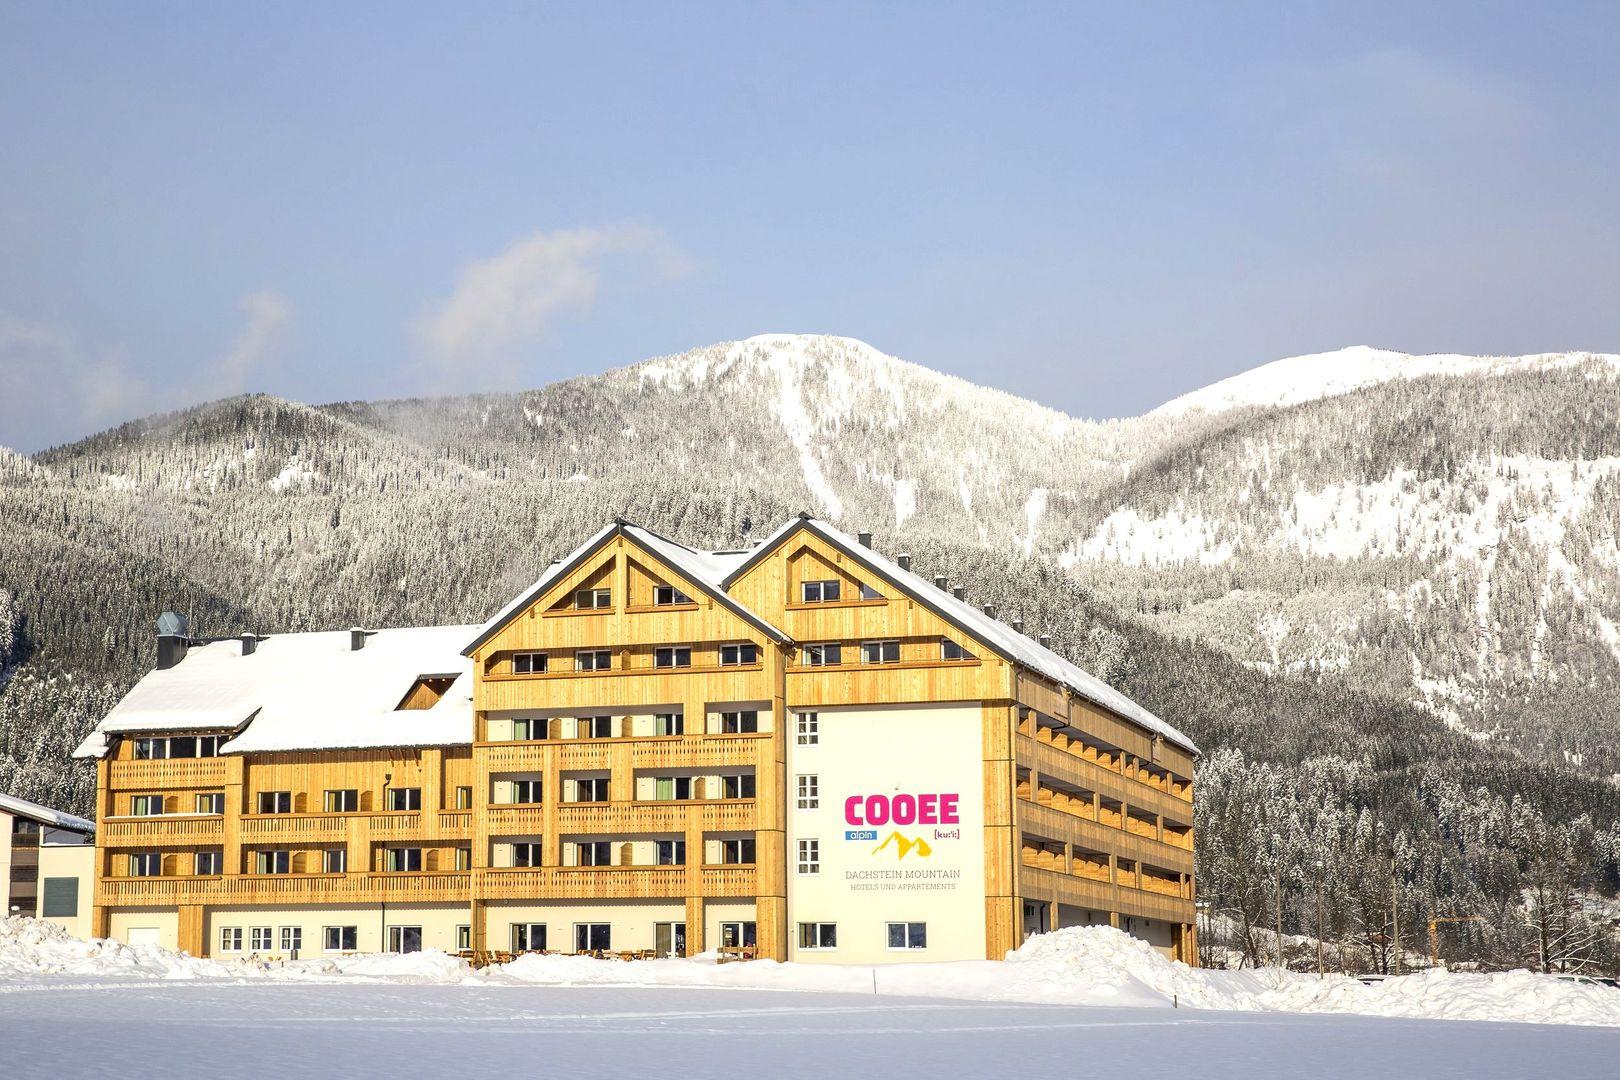 COOEE alpin Hotel Dachstein - Slide 1